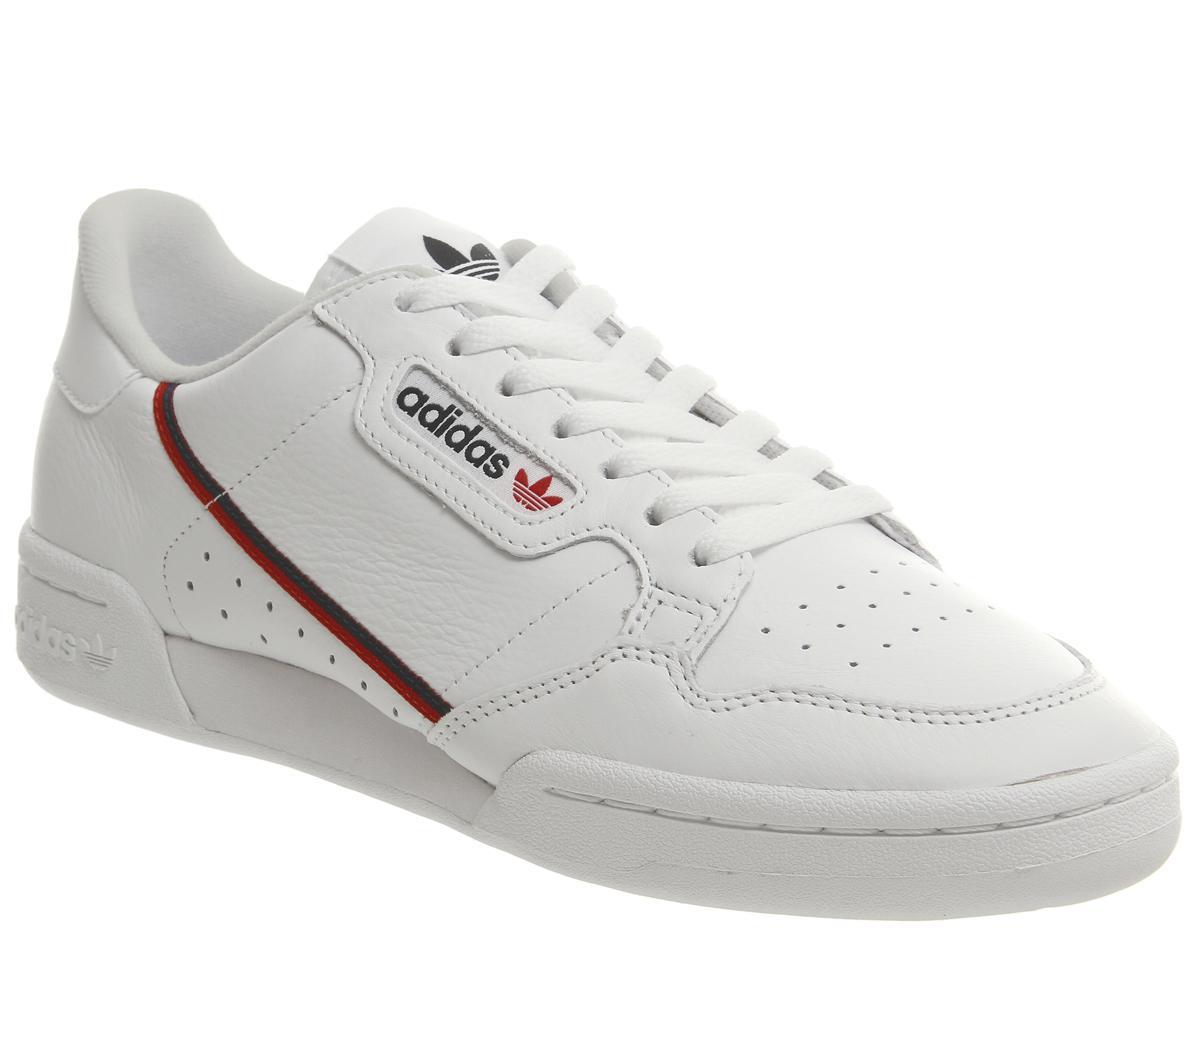 Rizado rodillo salario  adidas Continental 80s Trainers White Scarlett Collegiate Navy - His  trainers